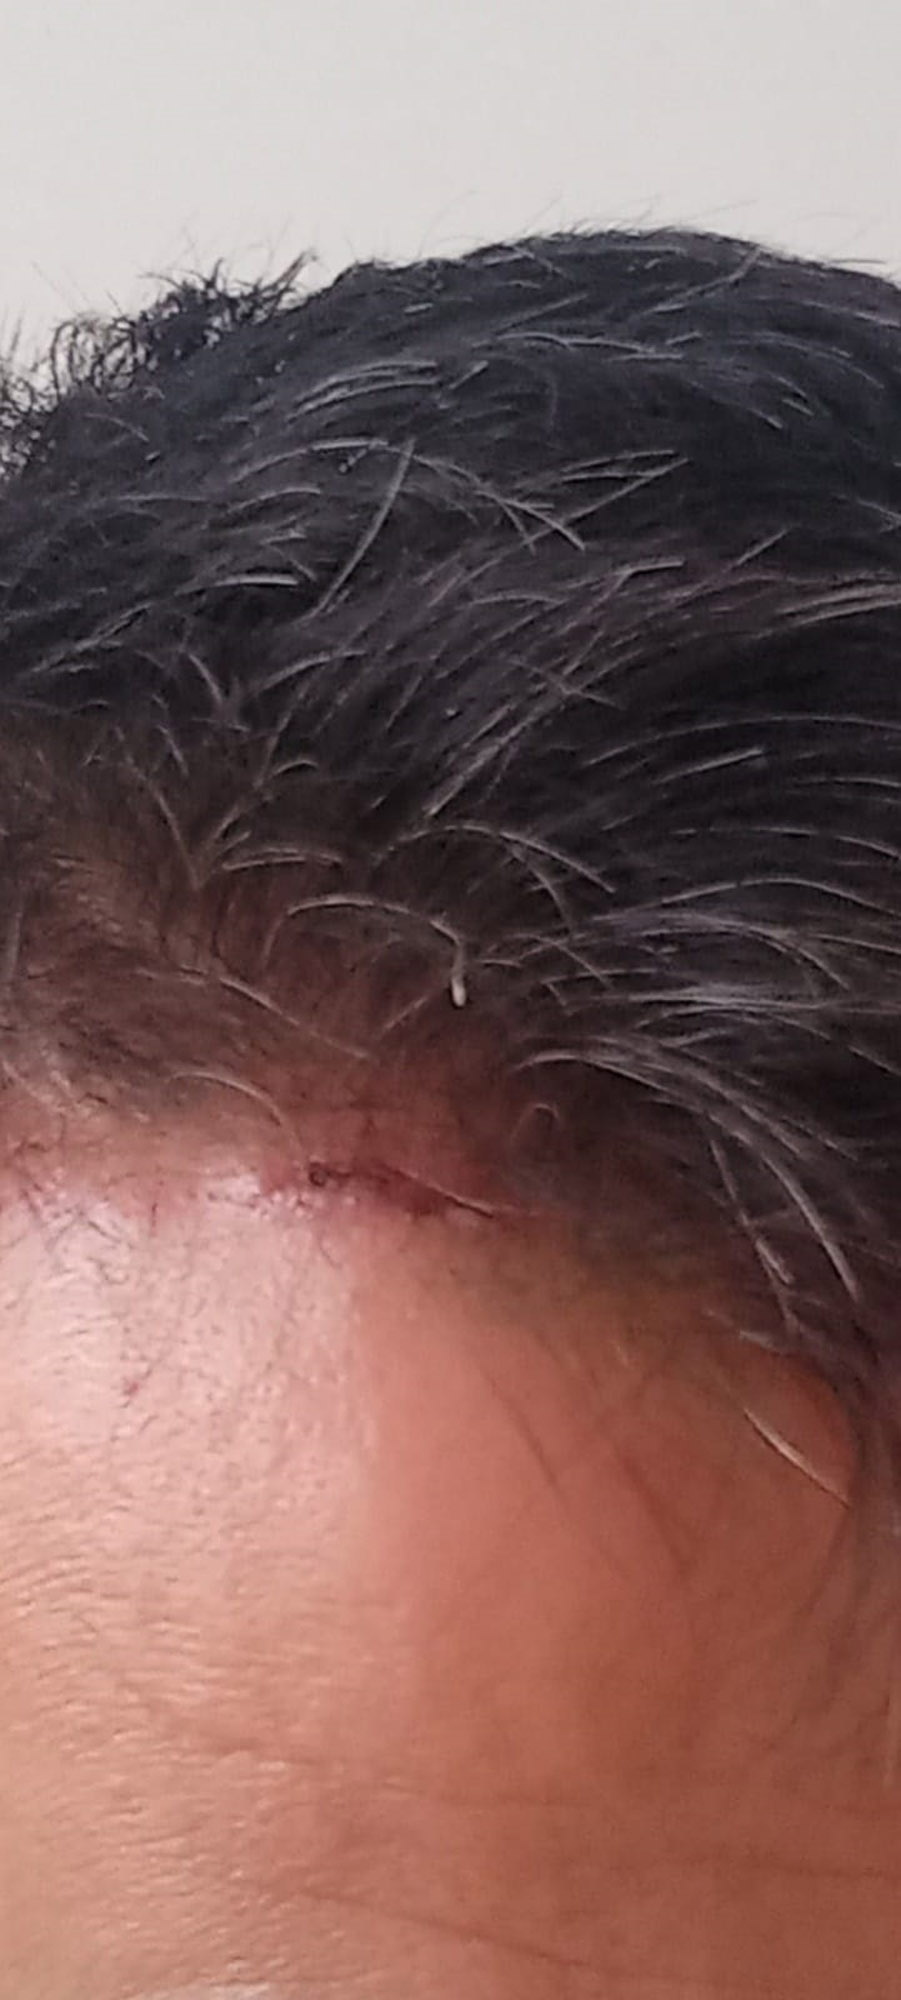 Trabzon'da antrenörlerin futbol sohbetinde levyeli kavga çıktı: 2 yaralı